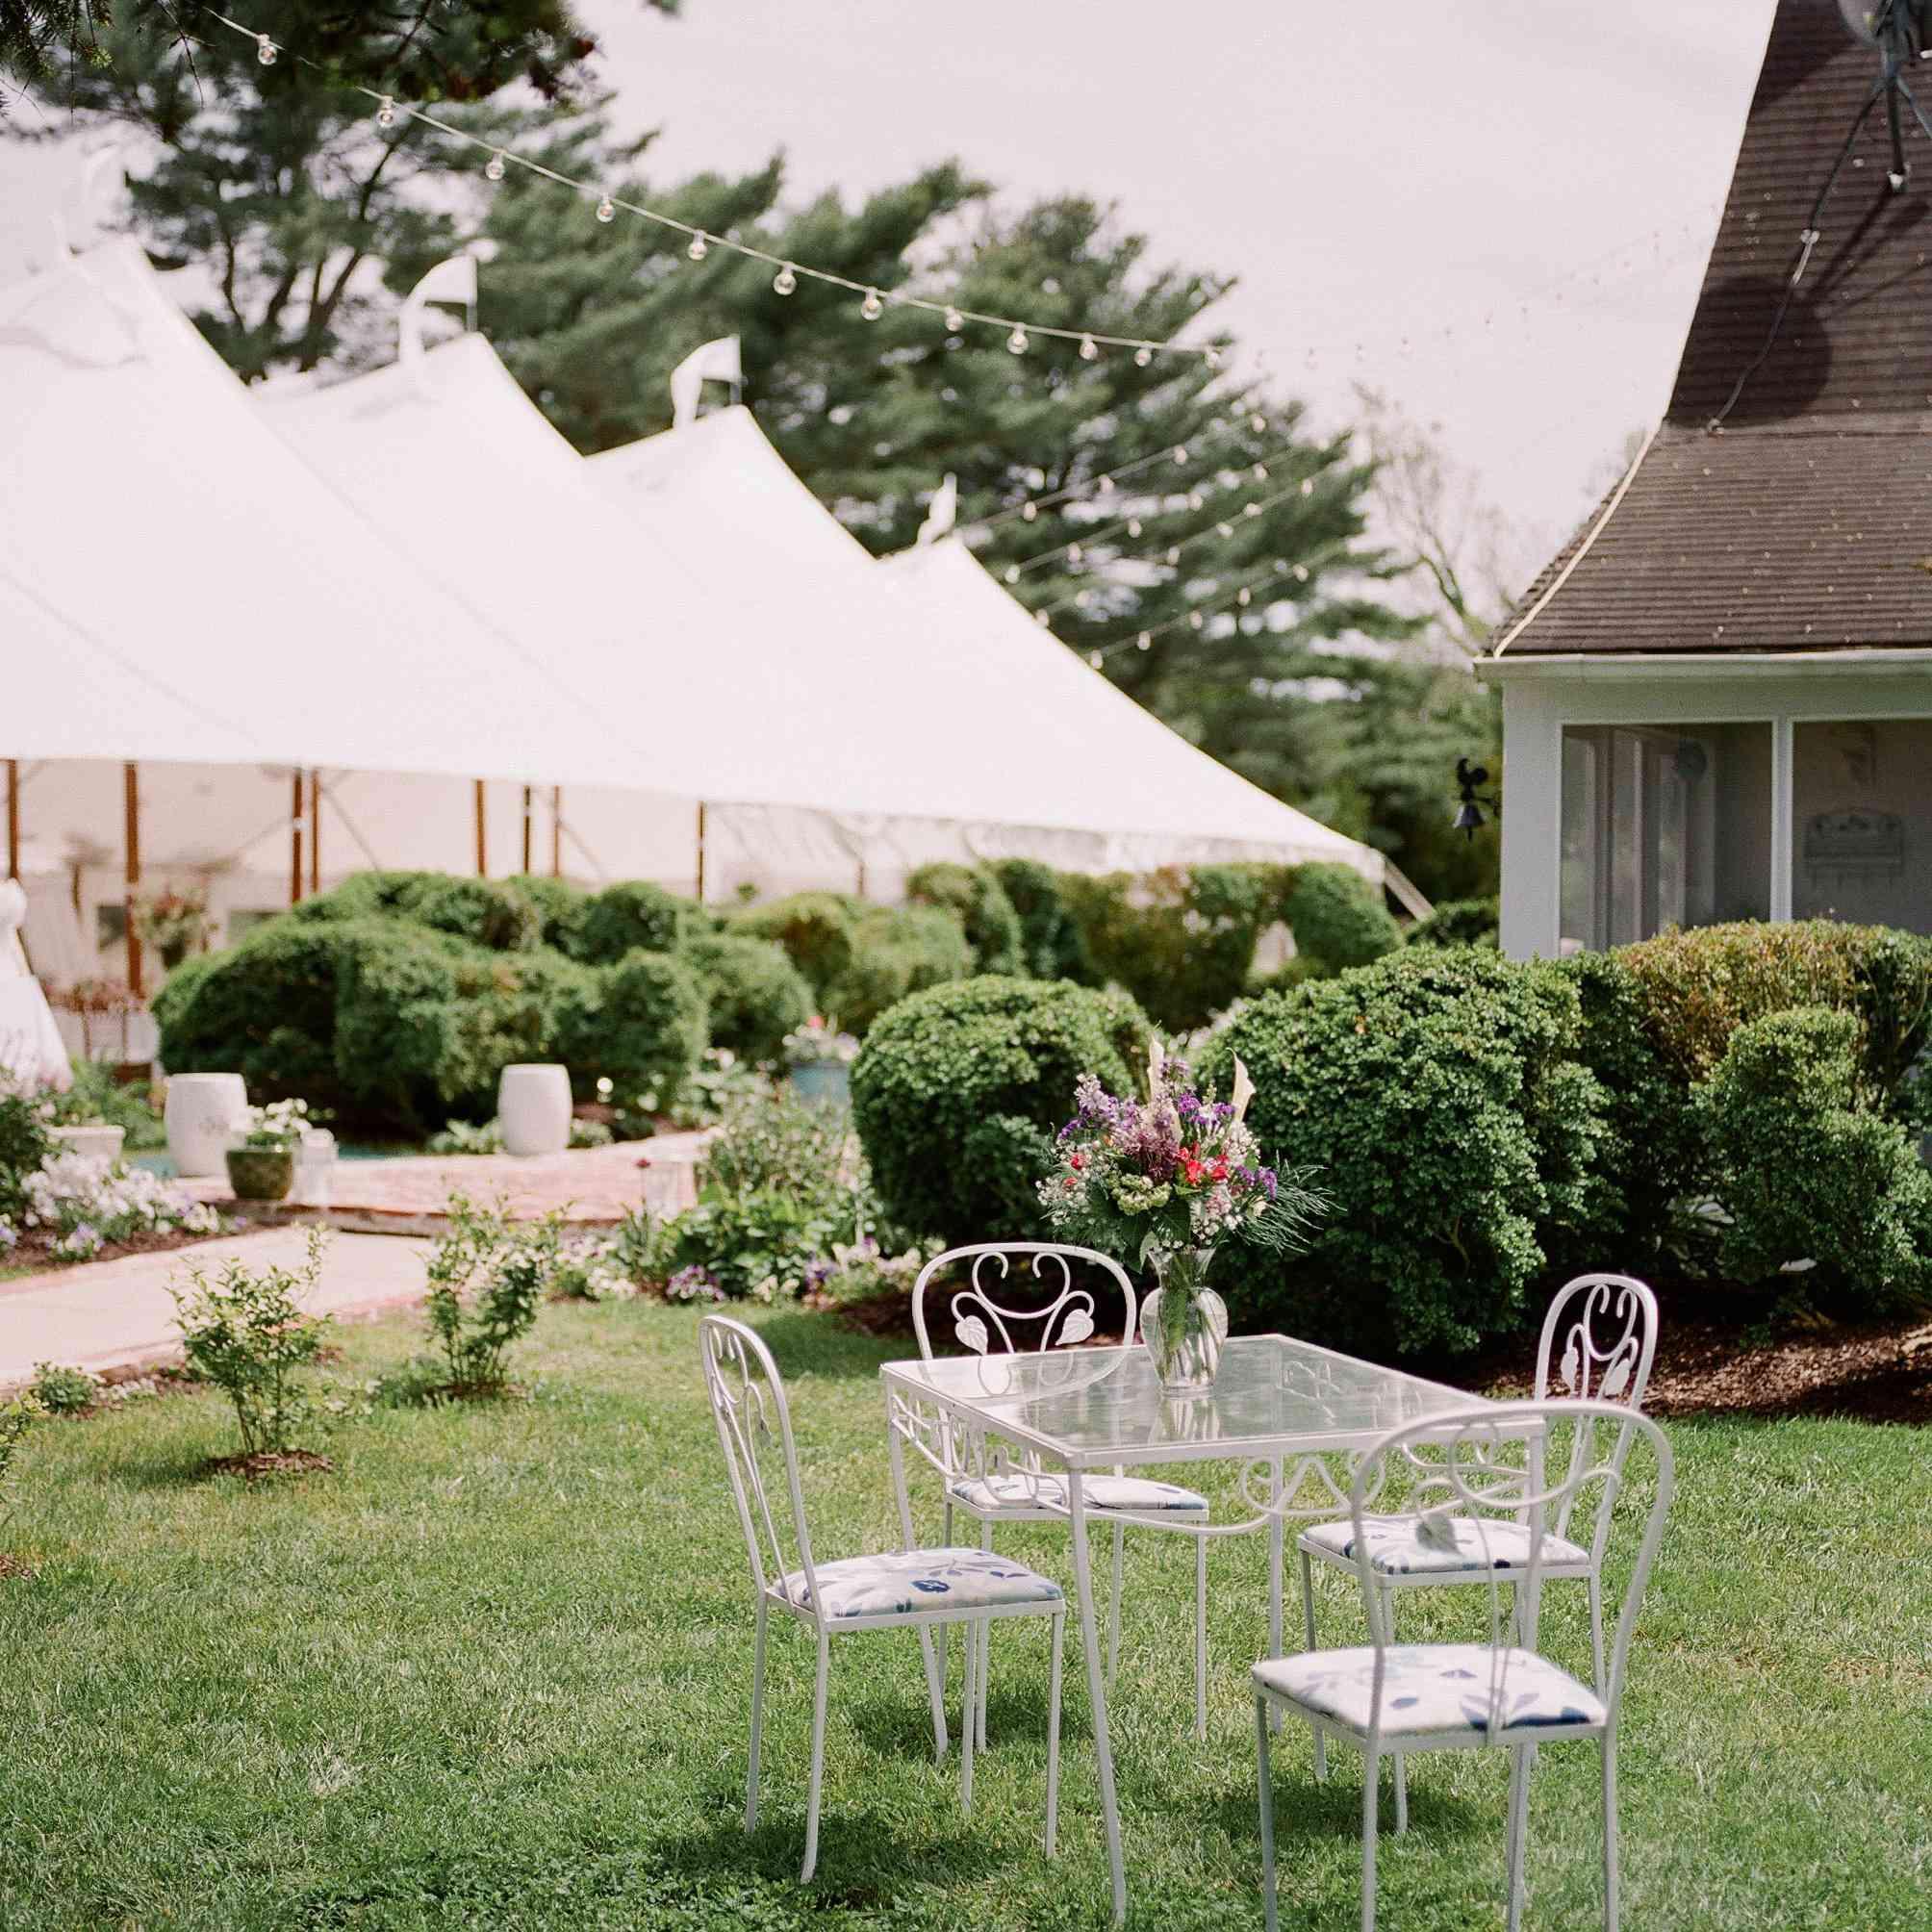 Outdoor backyard wedding venue